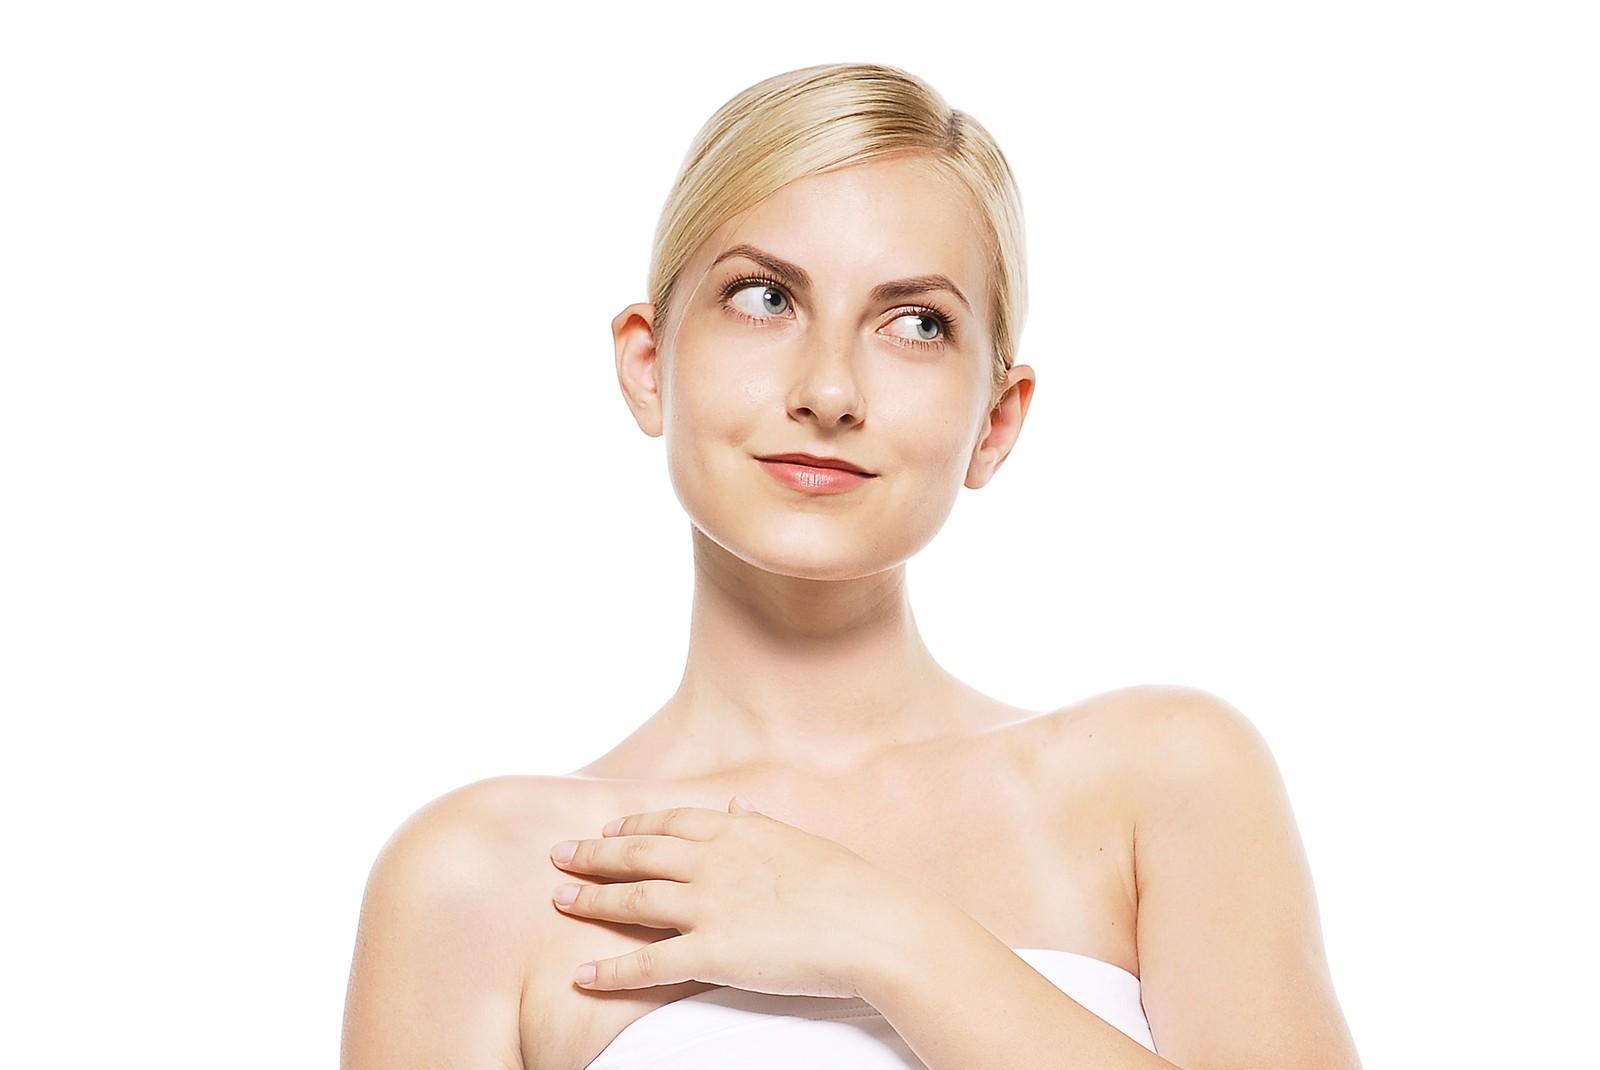 【重要】胸のセルライトは放置して大丈夫?除去しても胸やせしない?